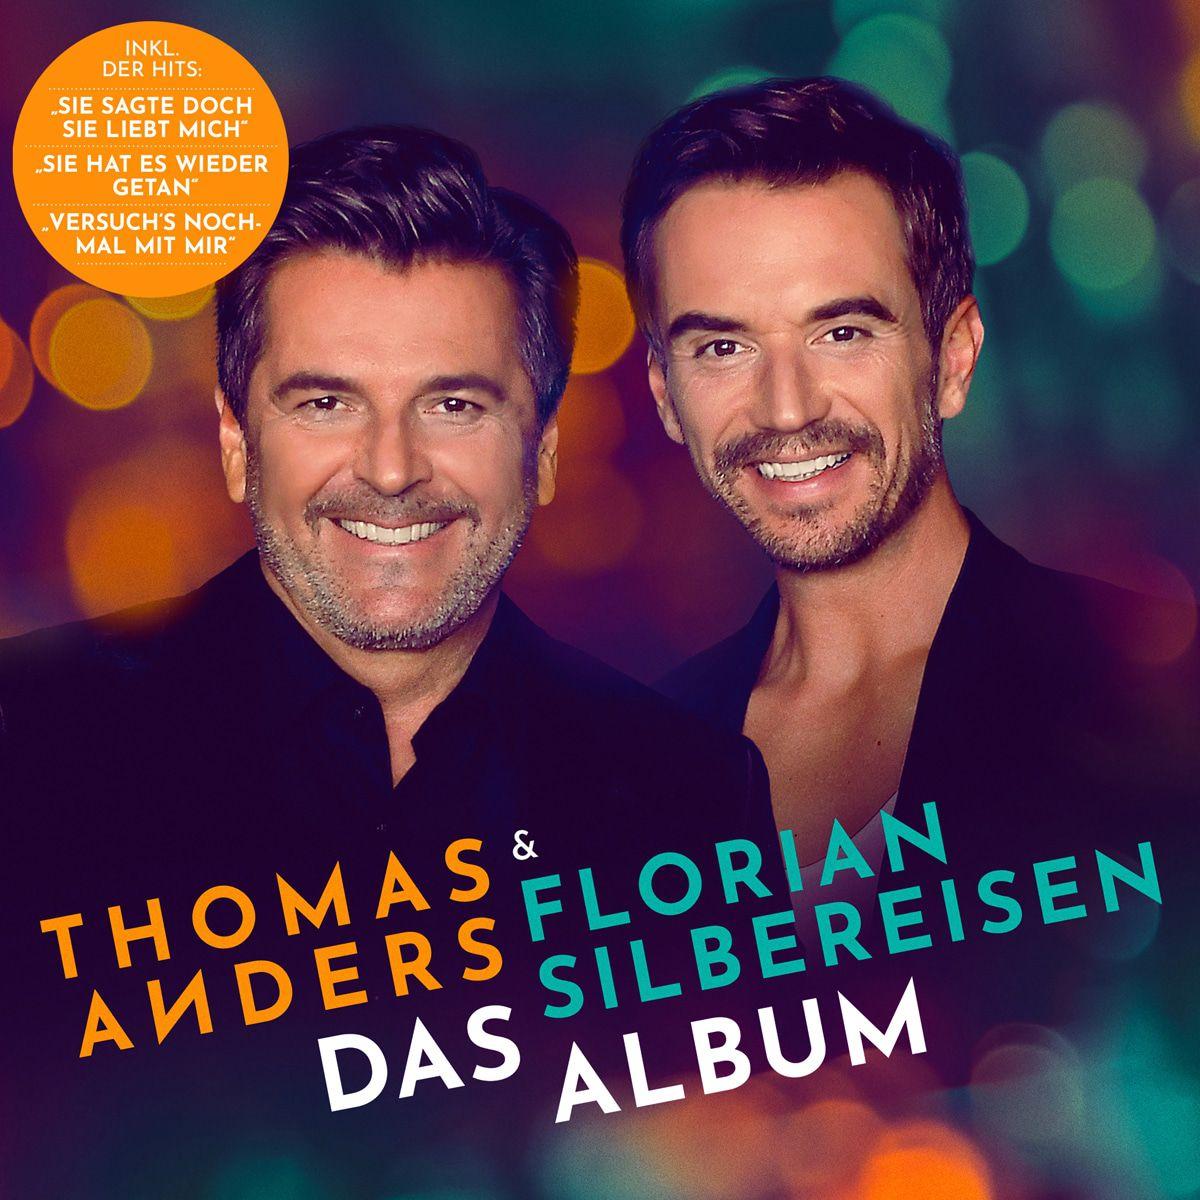 Florian Silbereisen erklärt das zweite Album  mit Thomas Anders